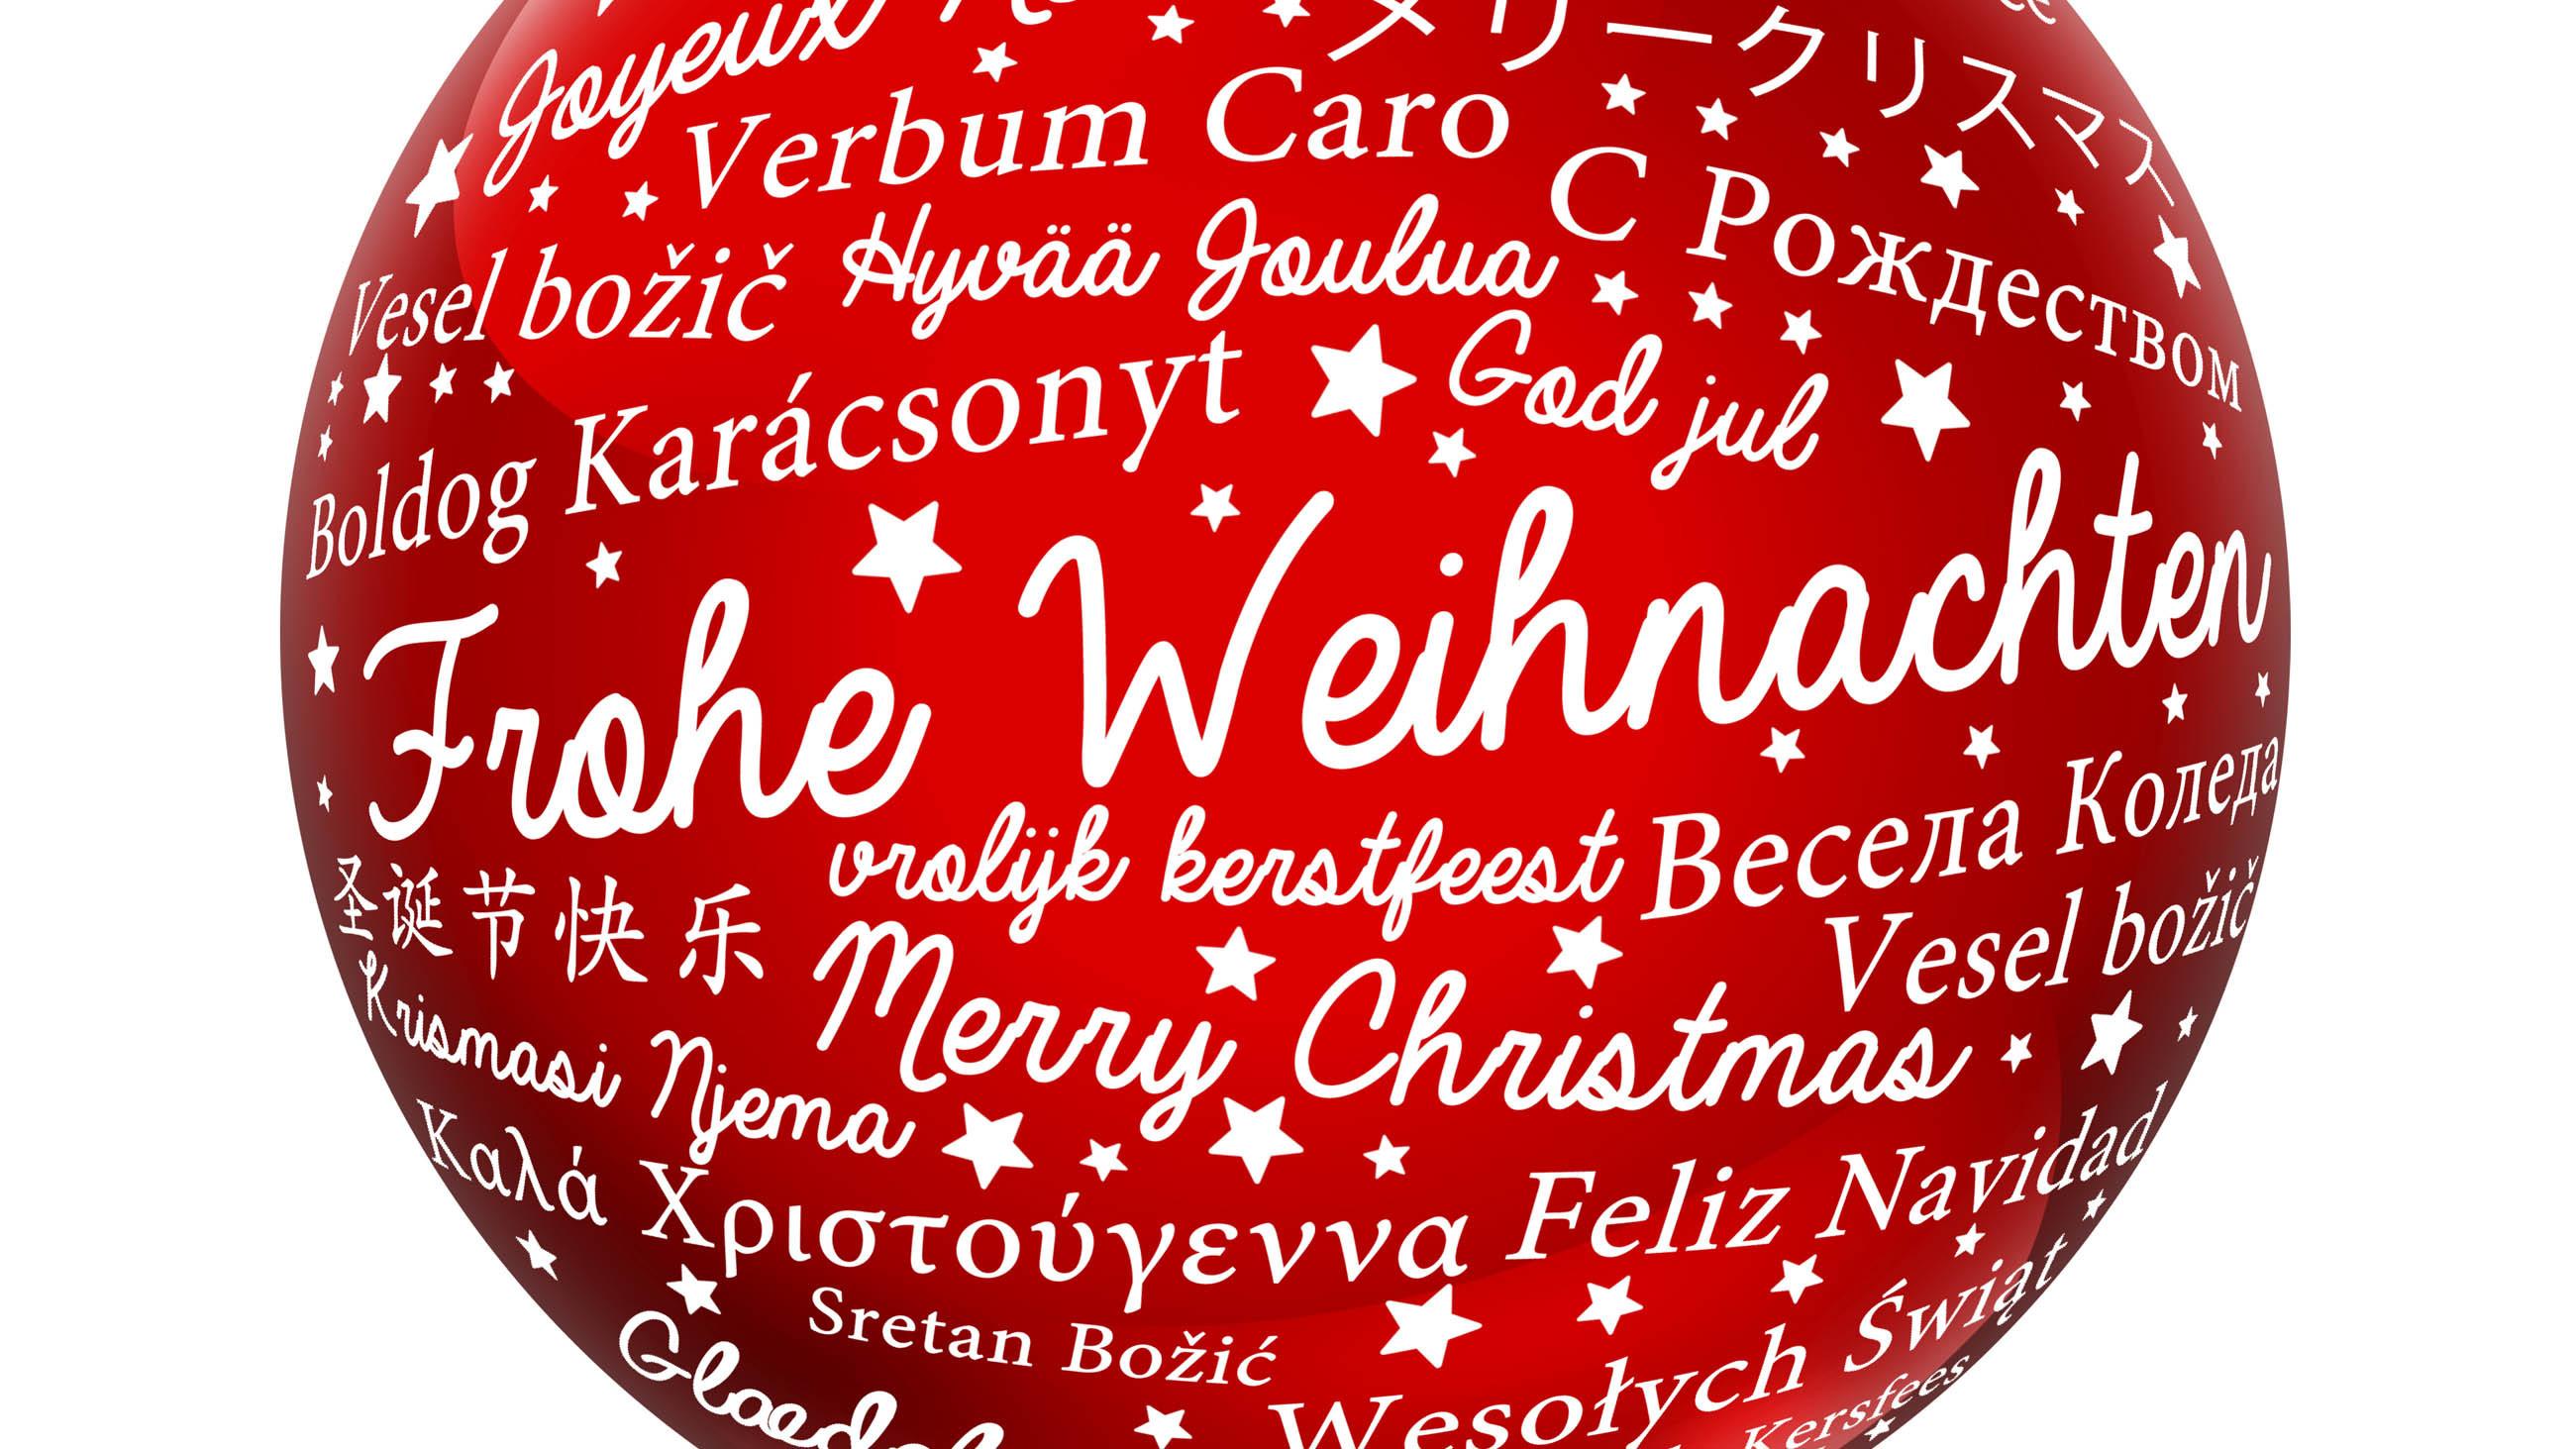 Frohe Weihnachten Mazedonisch.Frohe Weihnachten Liebe Welt Wer Weiss Was De